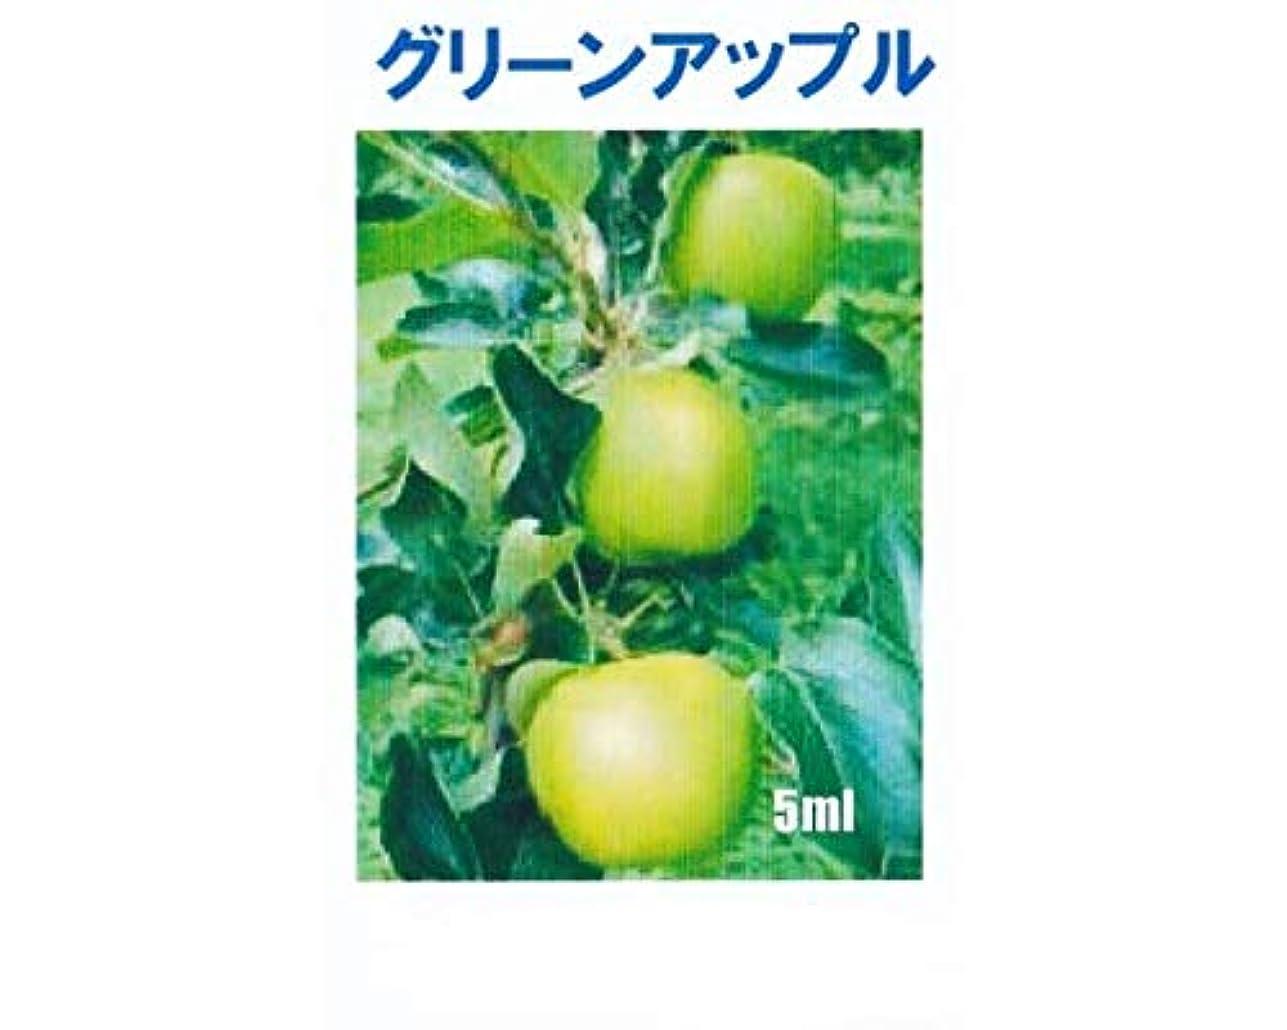 甘やかすせっかちブランド名アロマオイル グリーンアップル 5ml エッセンシャルオイル 100%天然成分